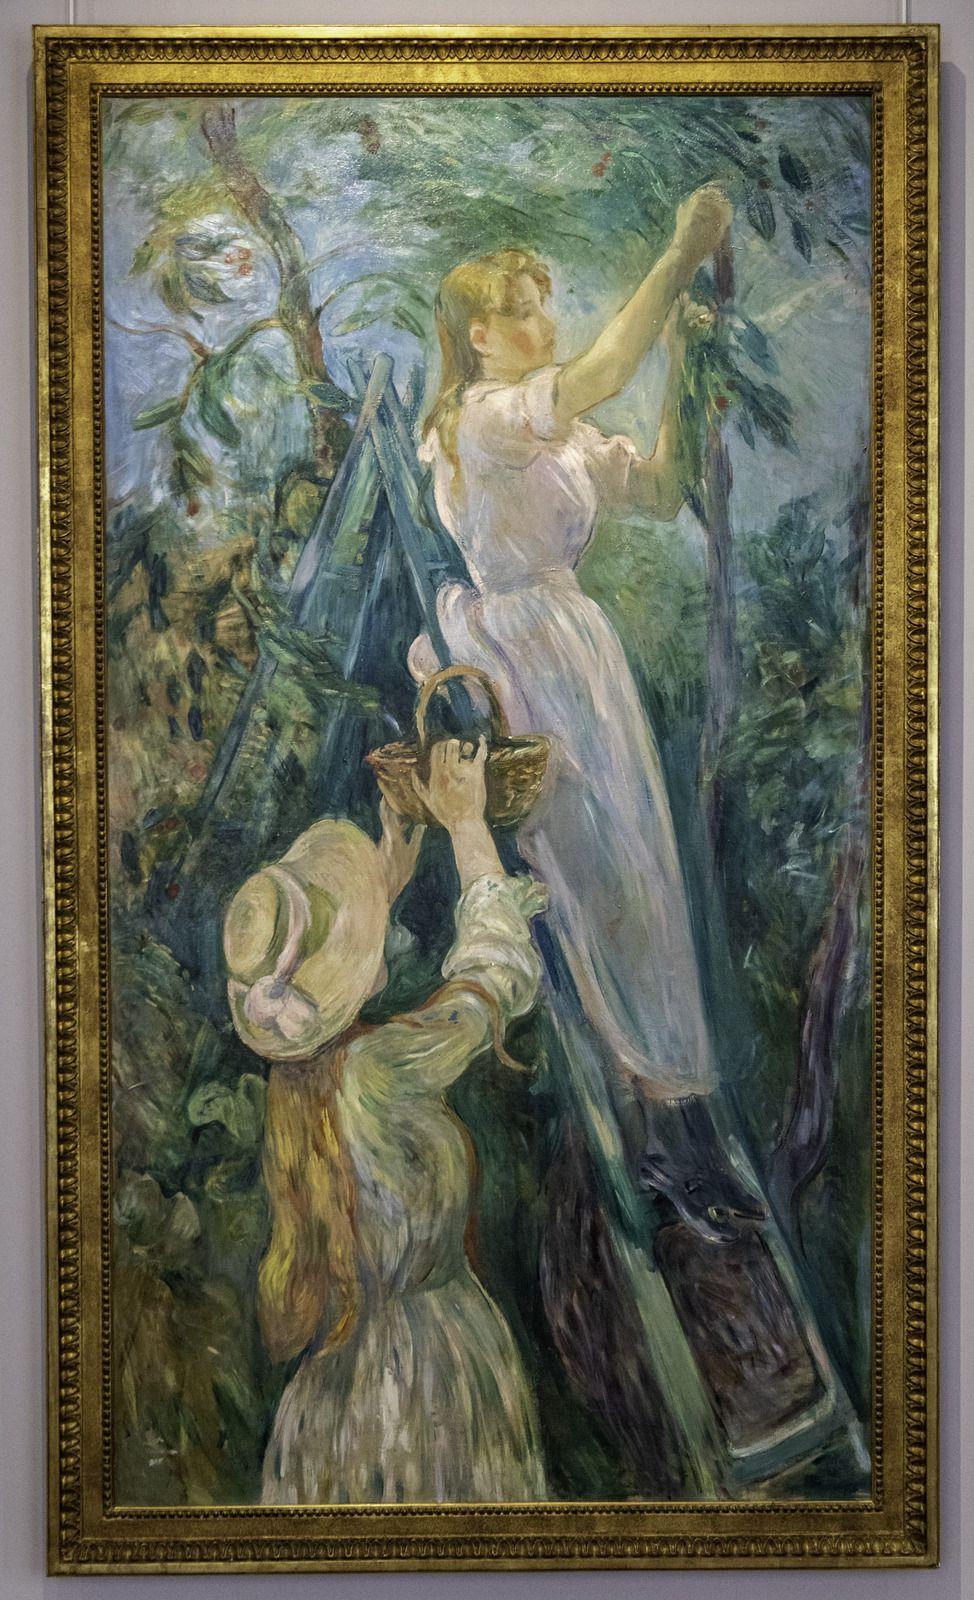 Sélection de quelques peintures de Berthe Morisot.